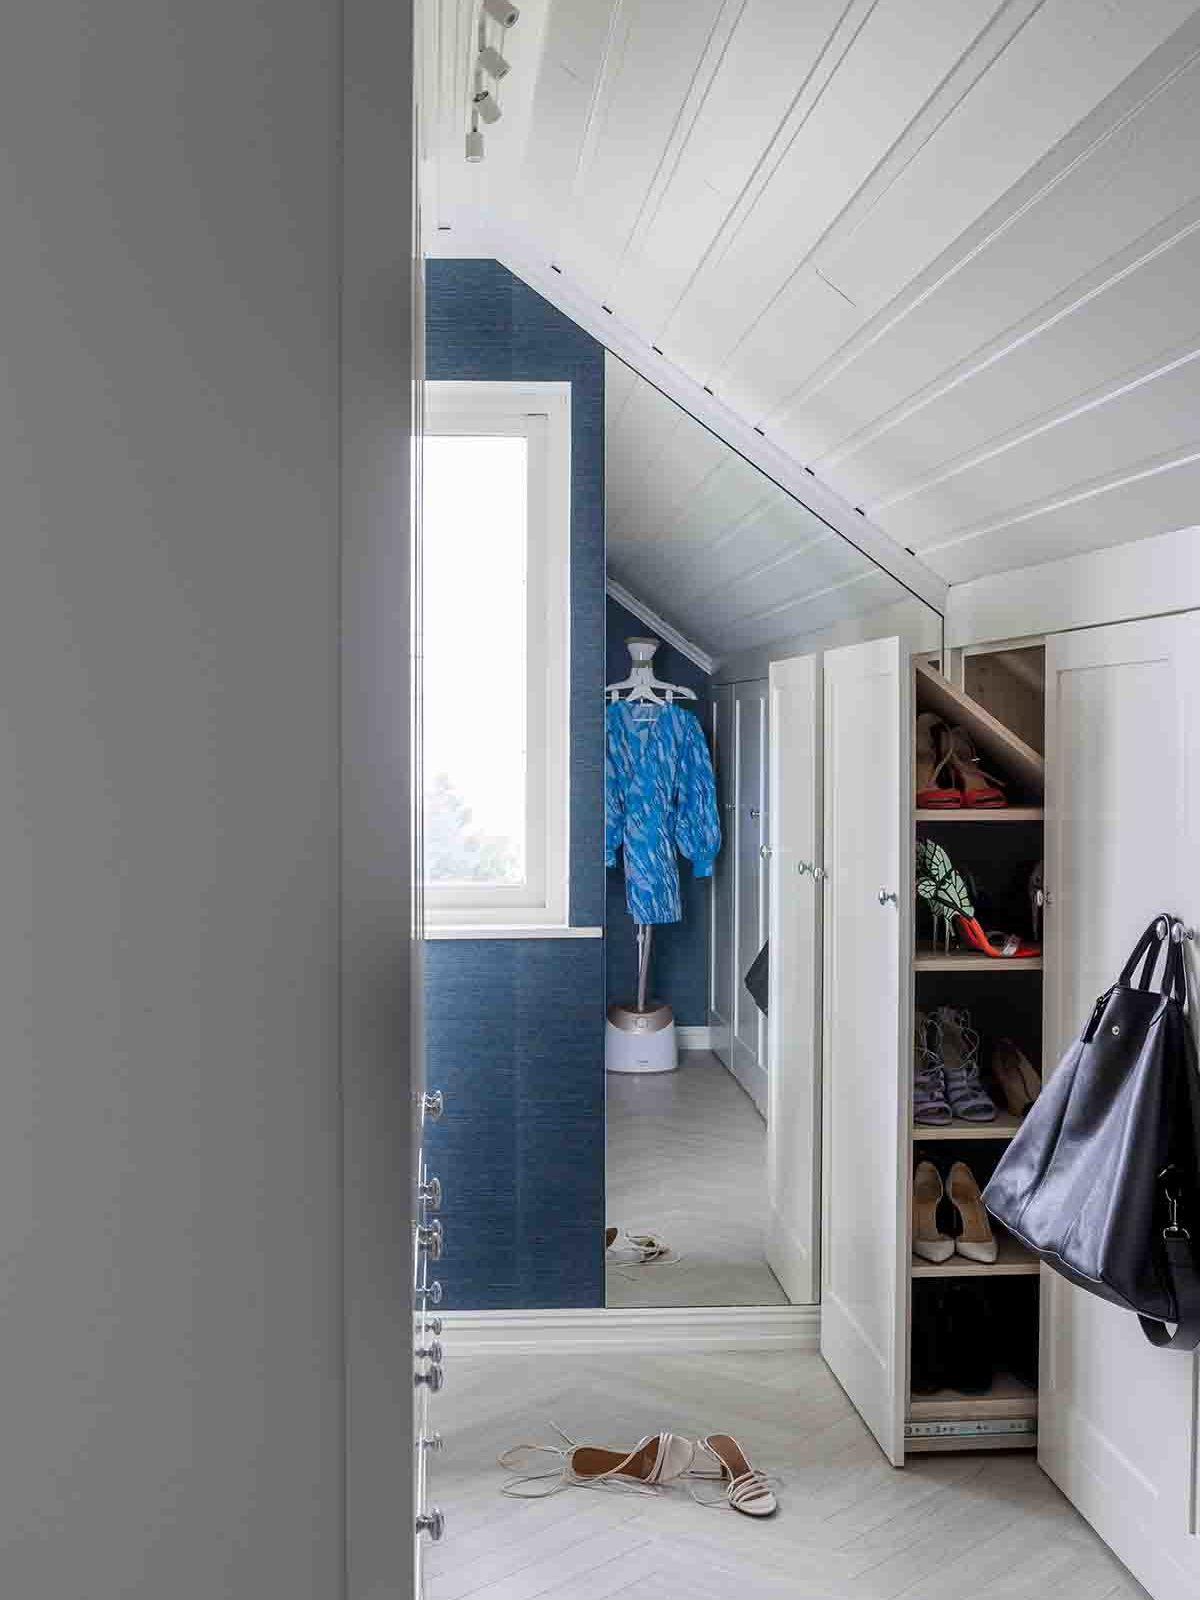 Eget speil designet slik at det passet perfekt mellom vinduet og veggen mot skråtaket